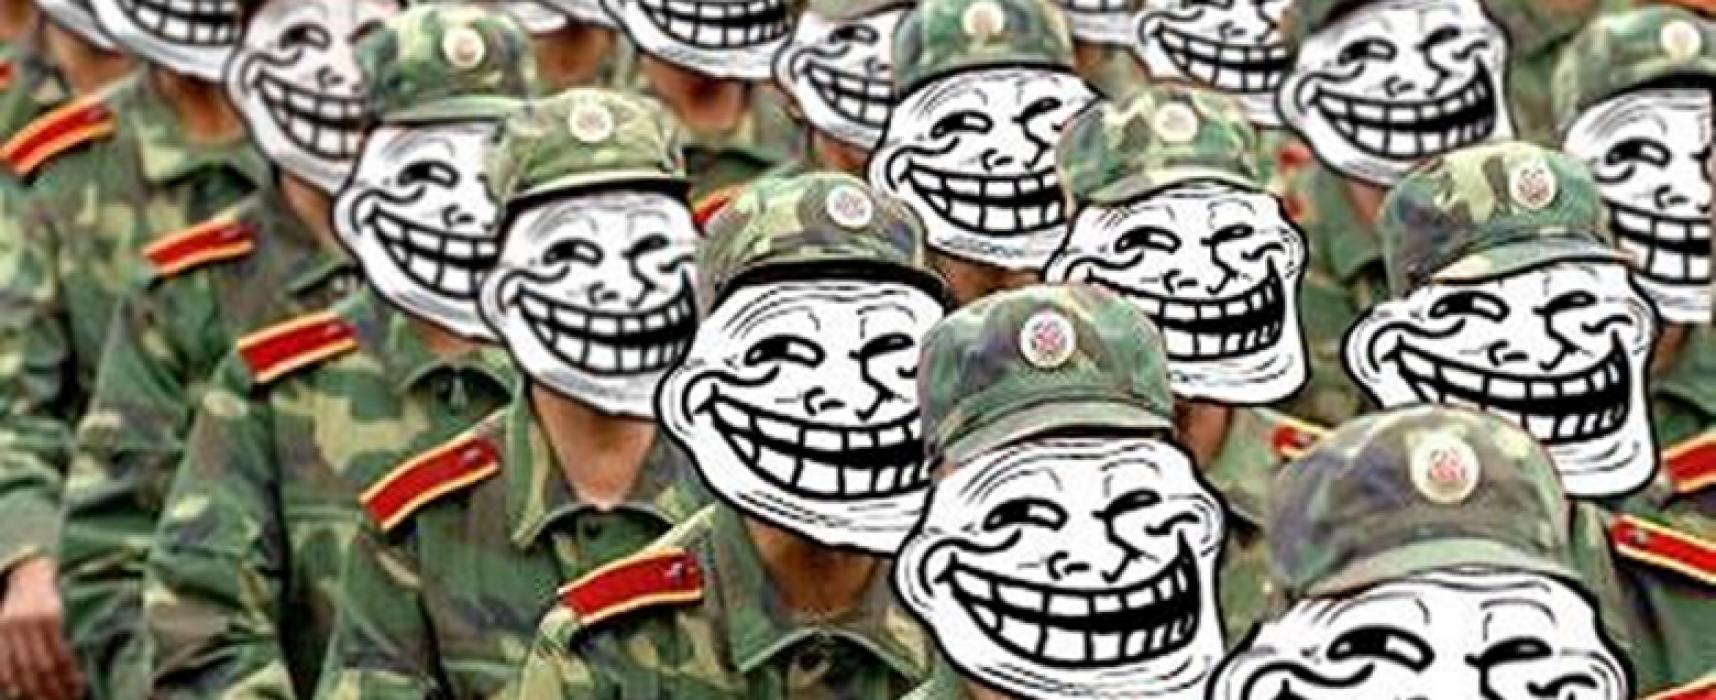 Čeští elfové budou bojovat proti dezinformacím a ruským trollům